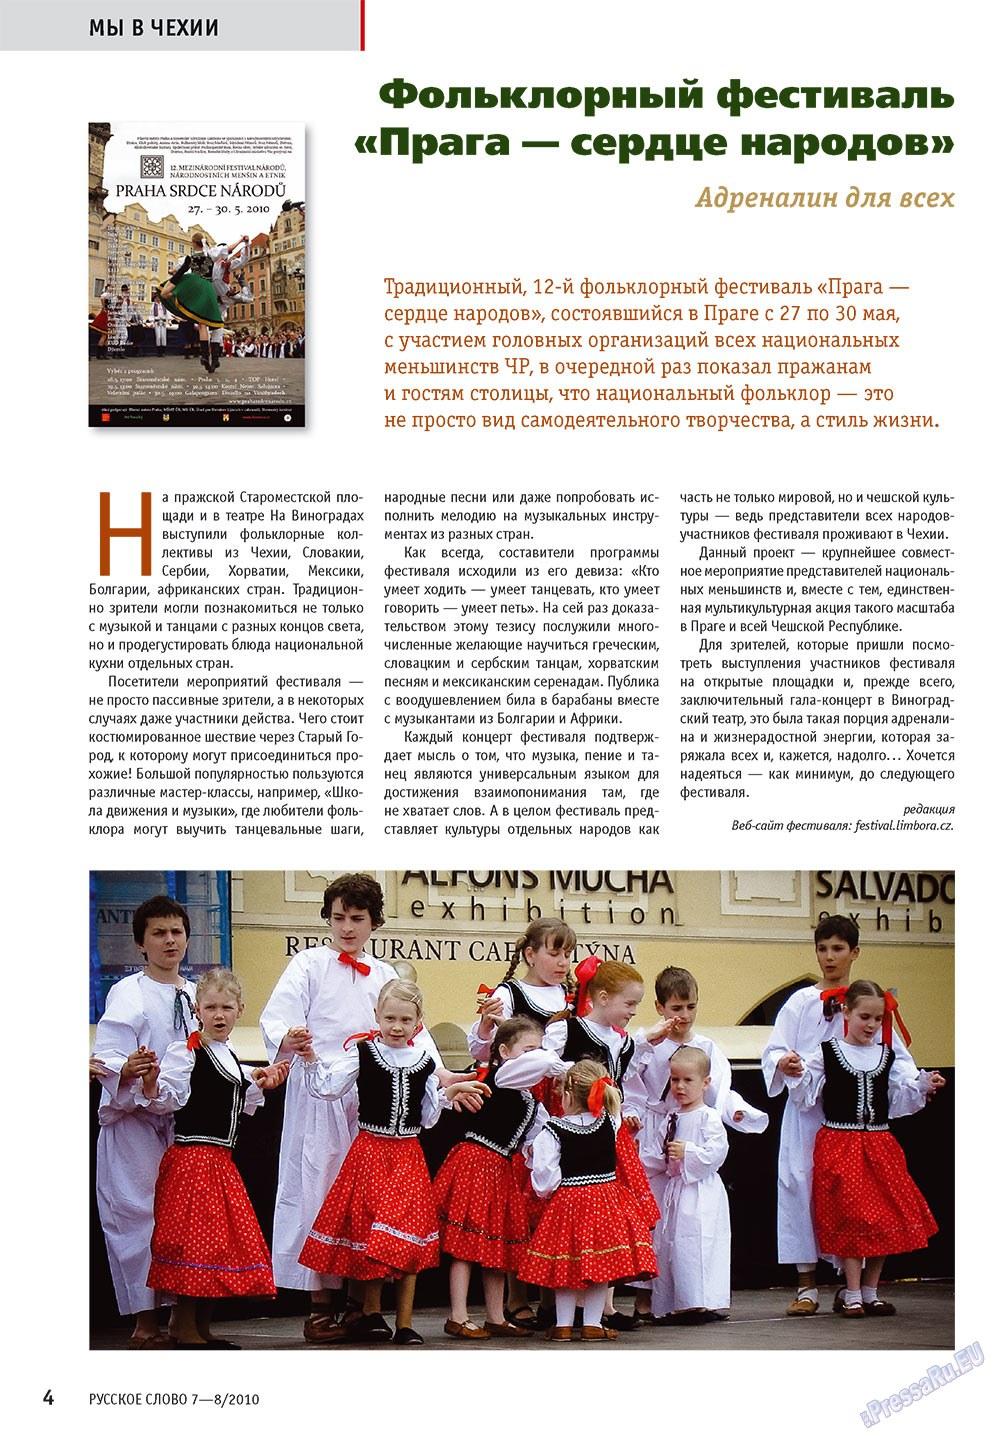 Русское слово (журнал). 2010 год, номер 7, стр. 6